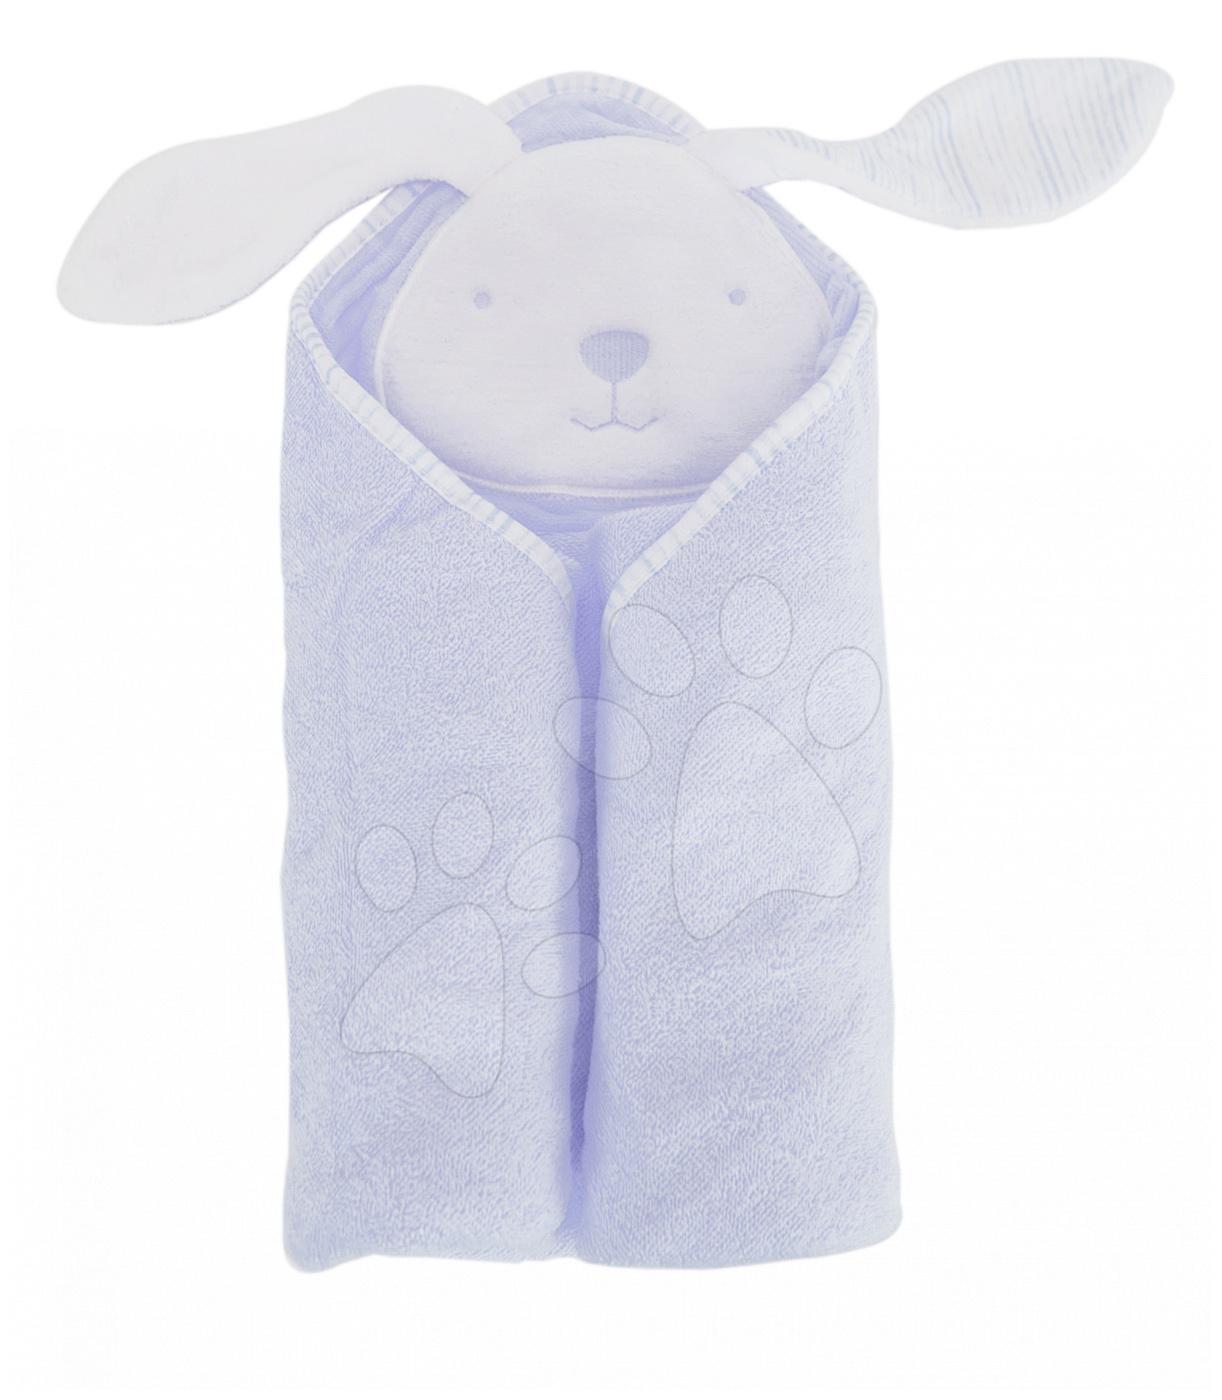 Osuška s kapucí pro nejmenší Classic toTs-smarTrike zajíček 100% přírodní velur bavlna modrá od 0 měsíců